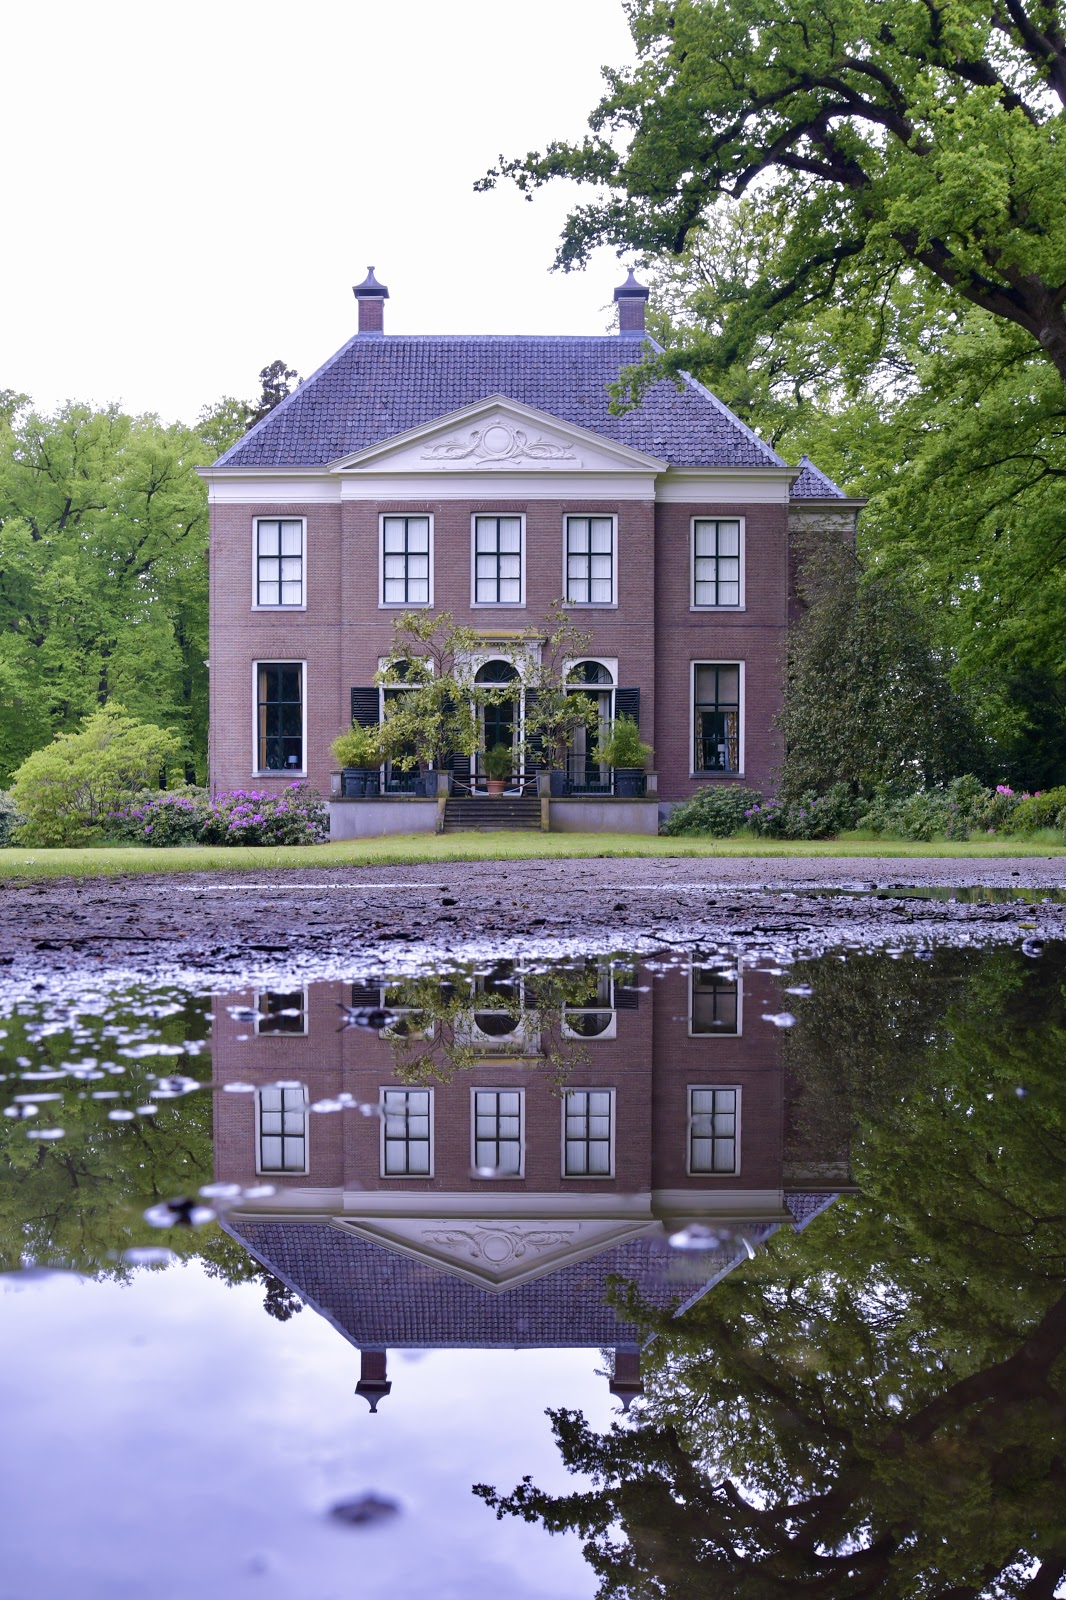 puddlegram met erfgoed bij de 's-Gravelandse buitenplaatsen